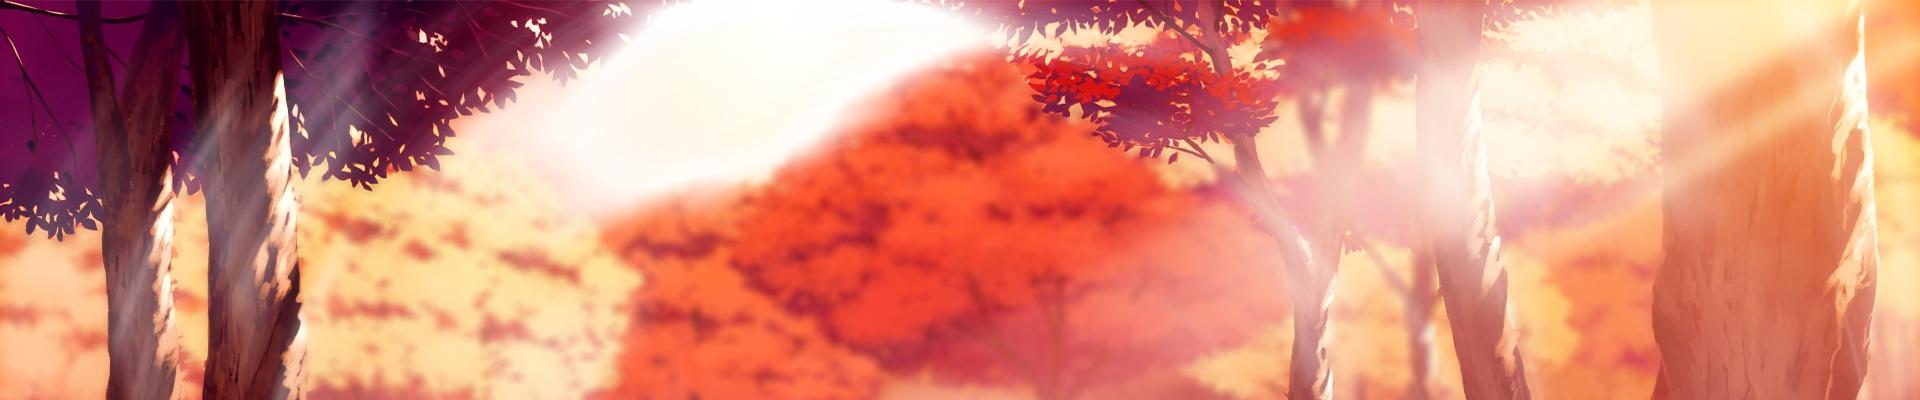 Аниме-сезон осени 2014 г. (Ванильный апокалипсис.) - Изображение 3